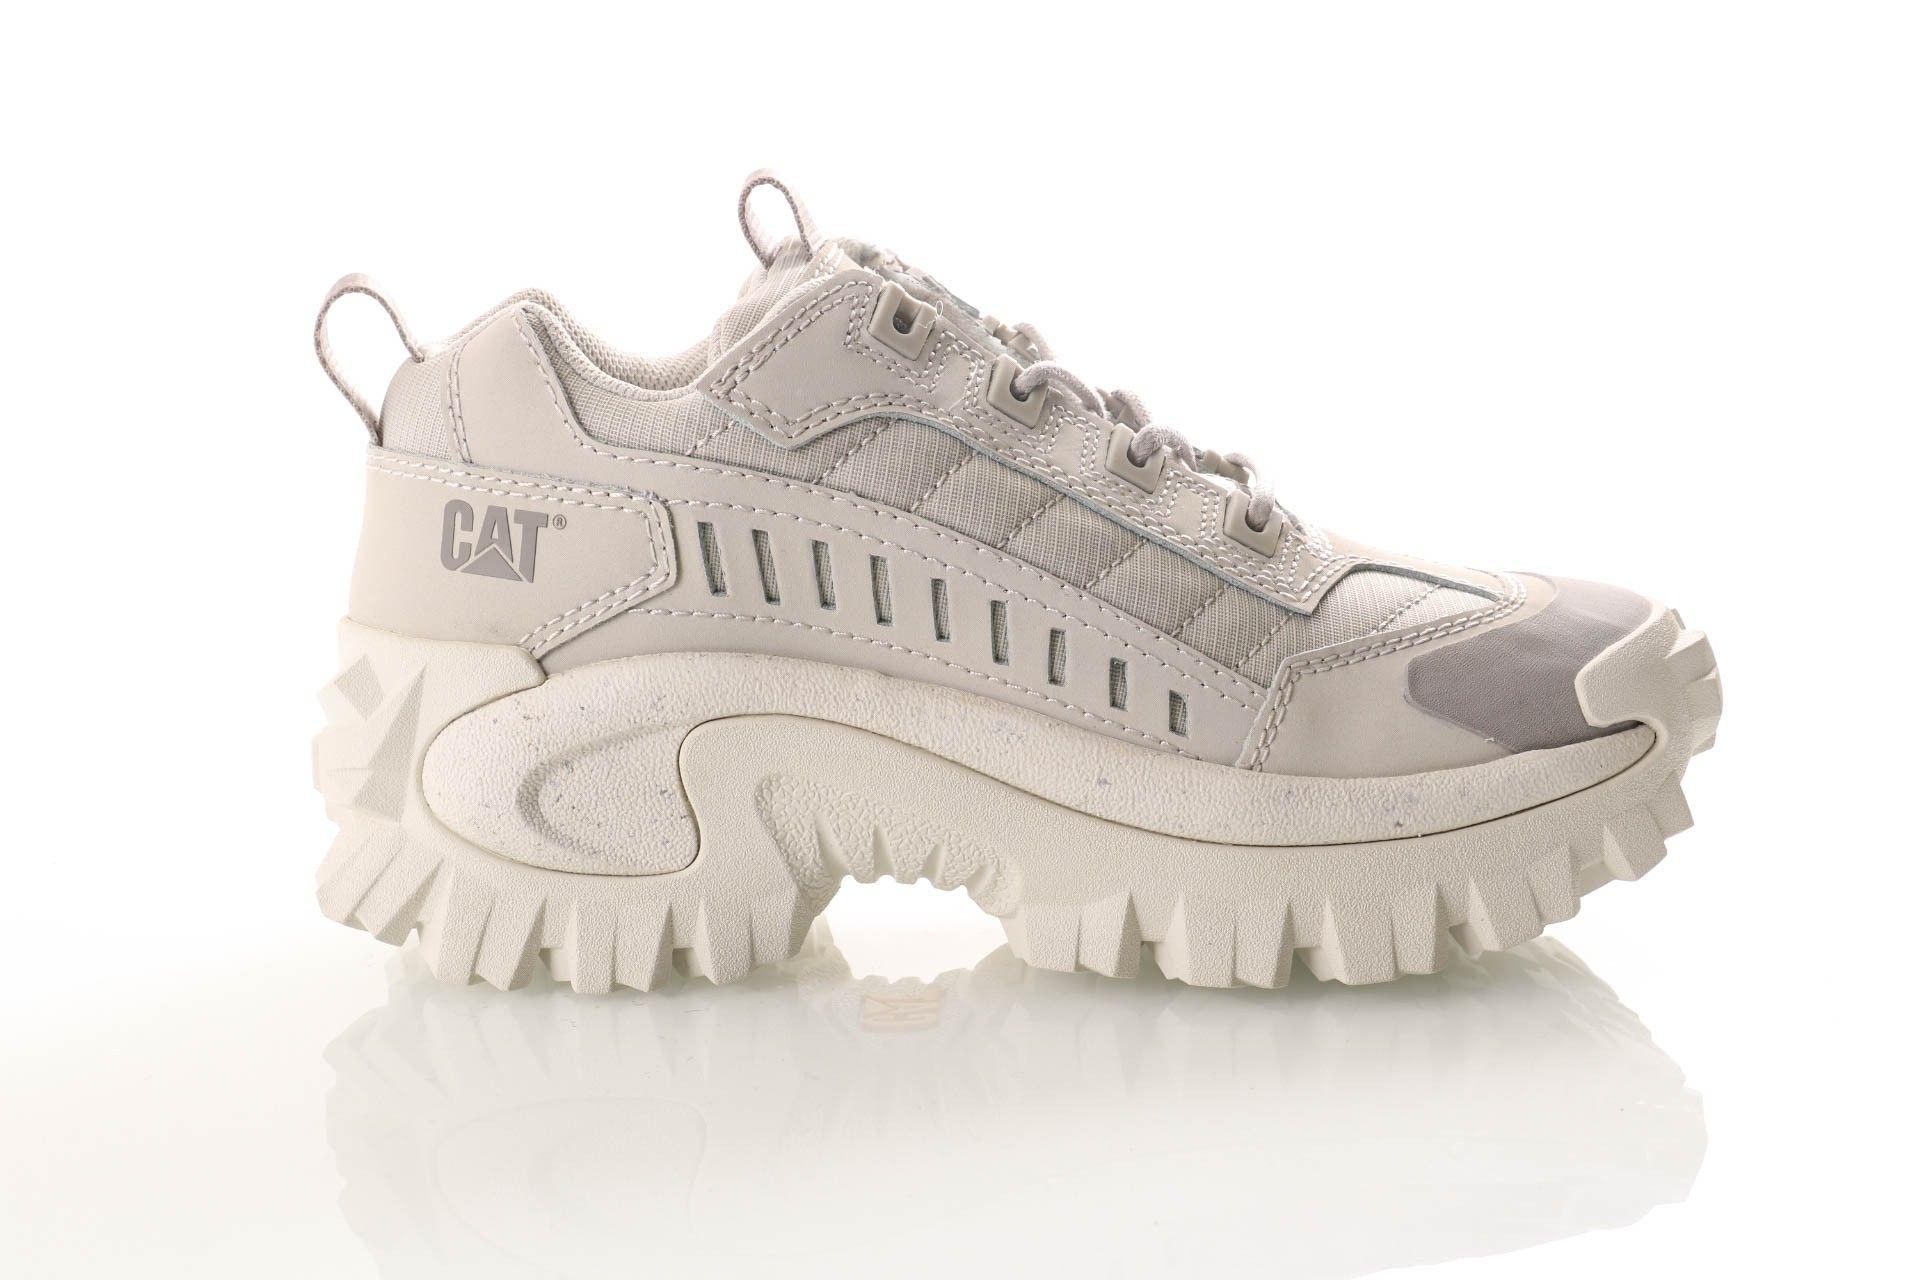 Afbeelding van Caterpillar Intruder P723919 Sneakers Gray Morn